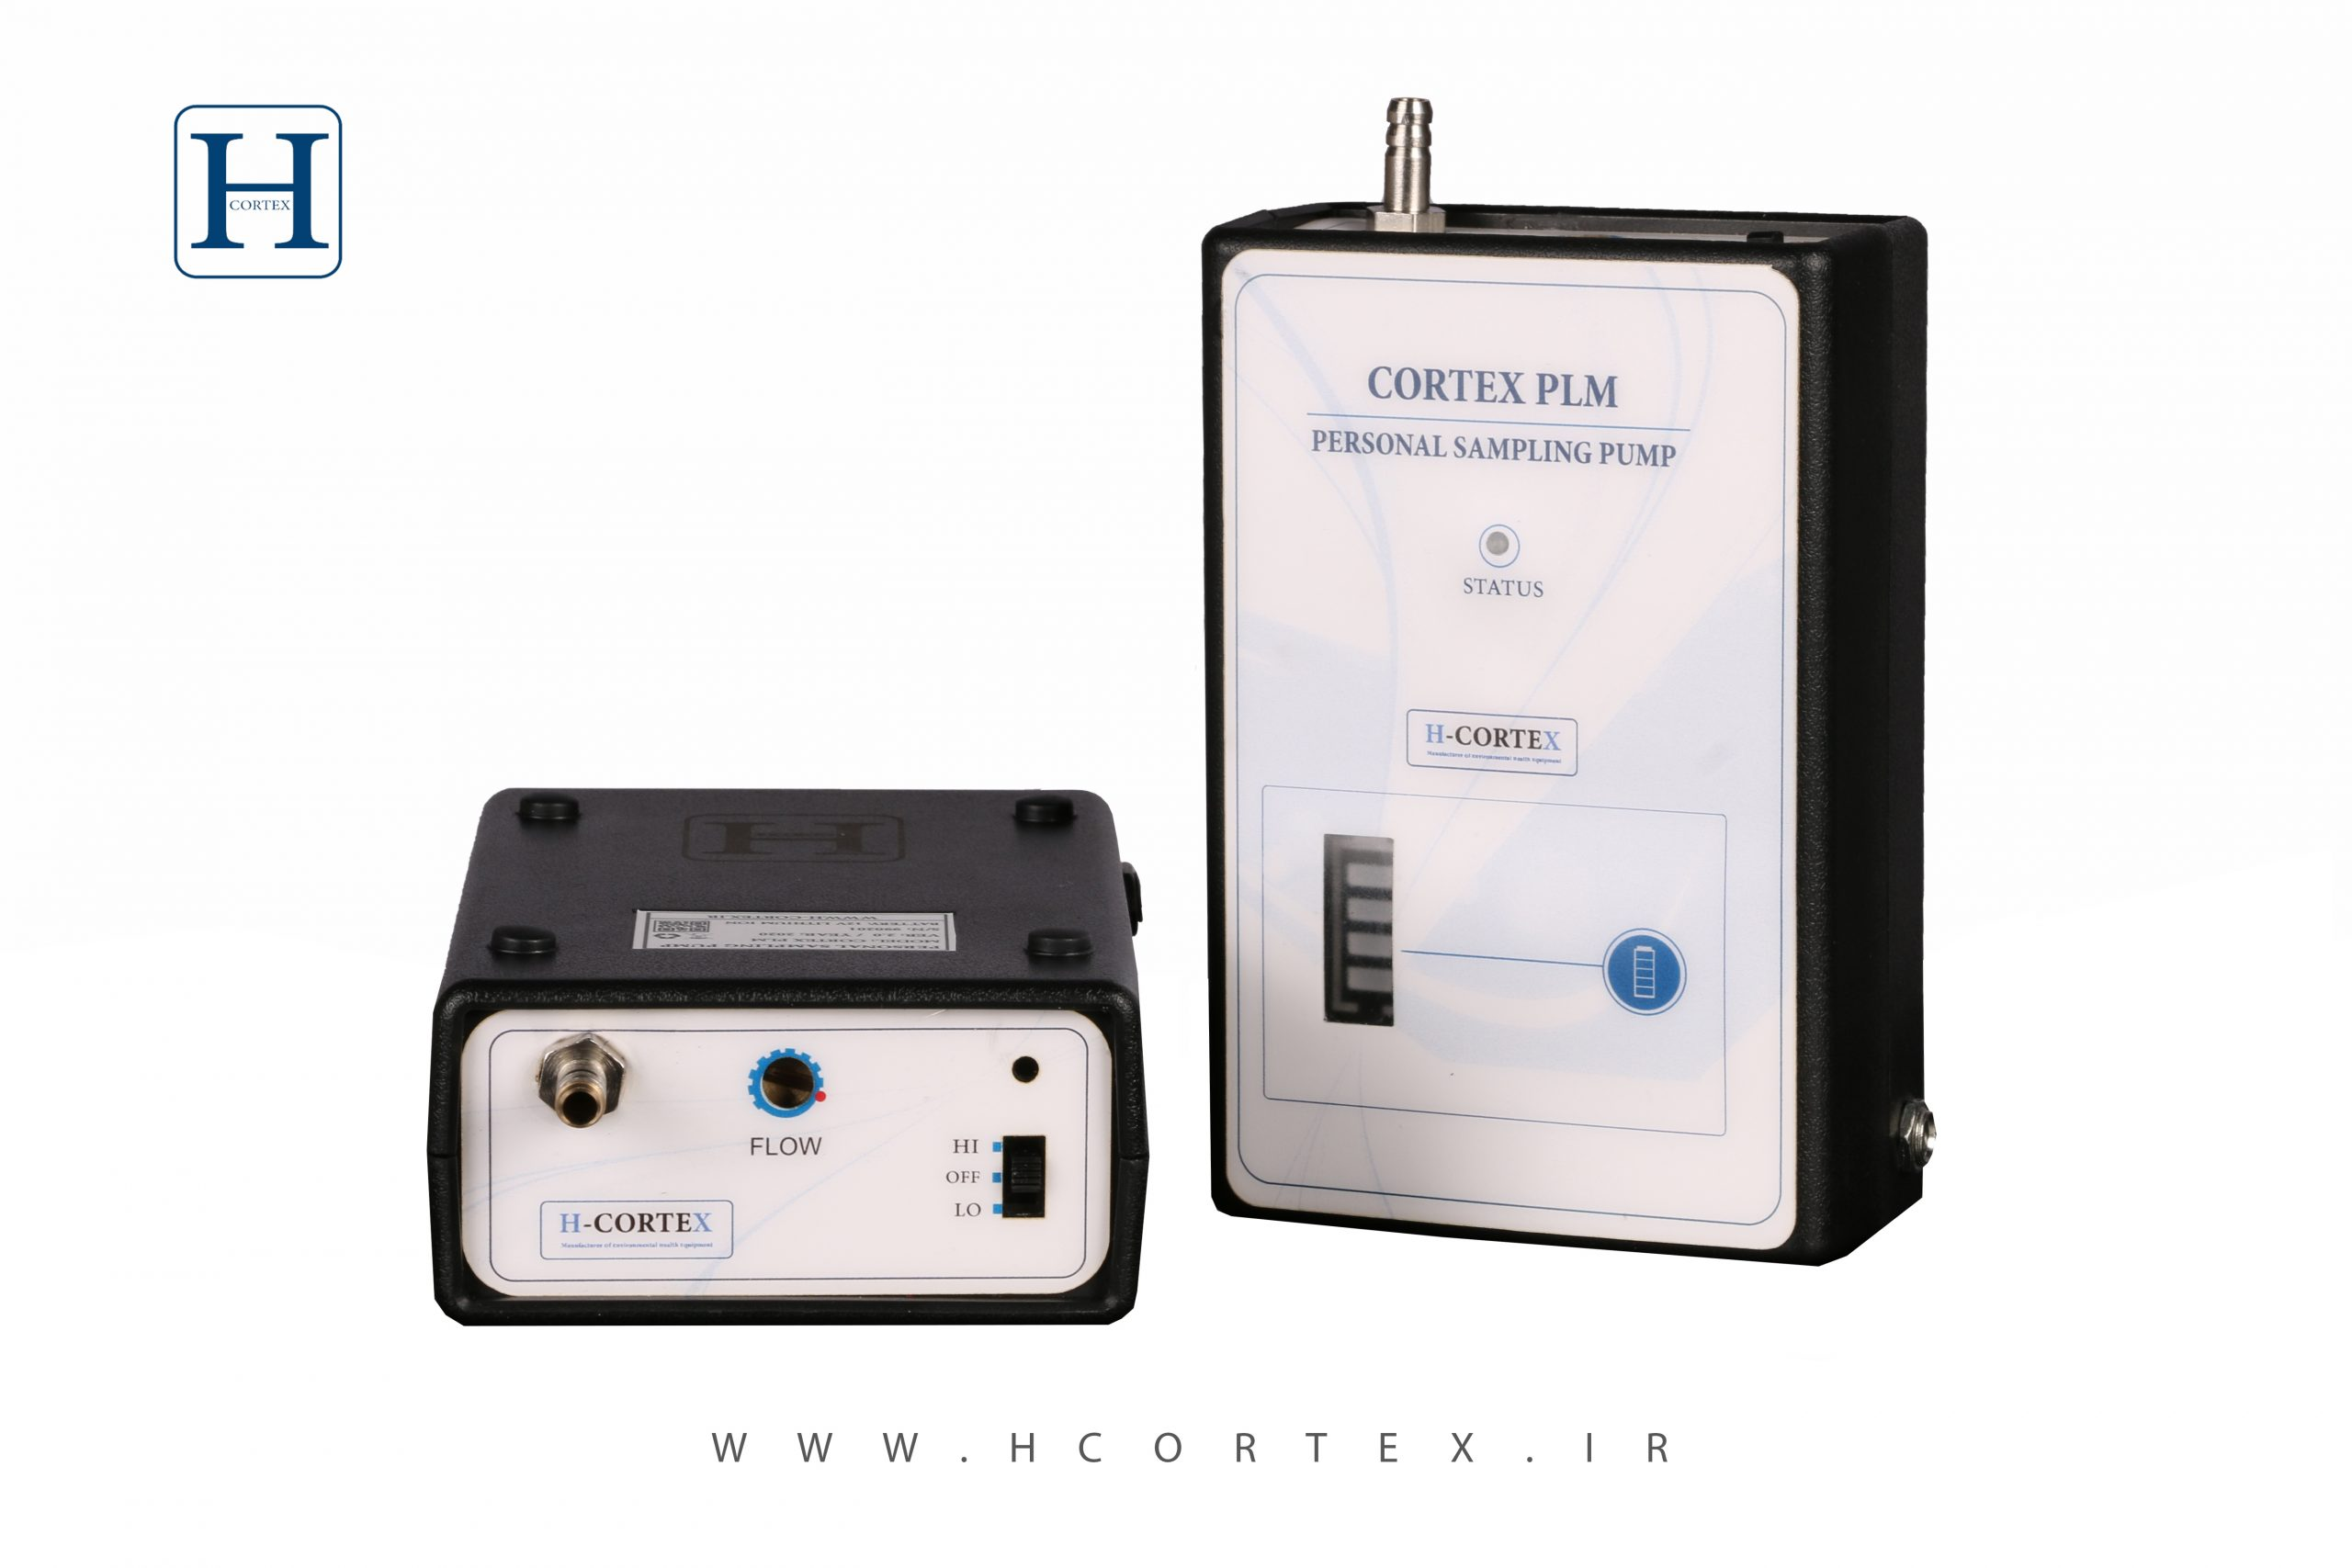 پمپ نمونه برداری فردی H-CORTEX PLM